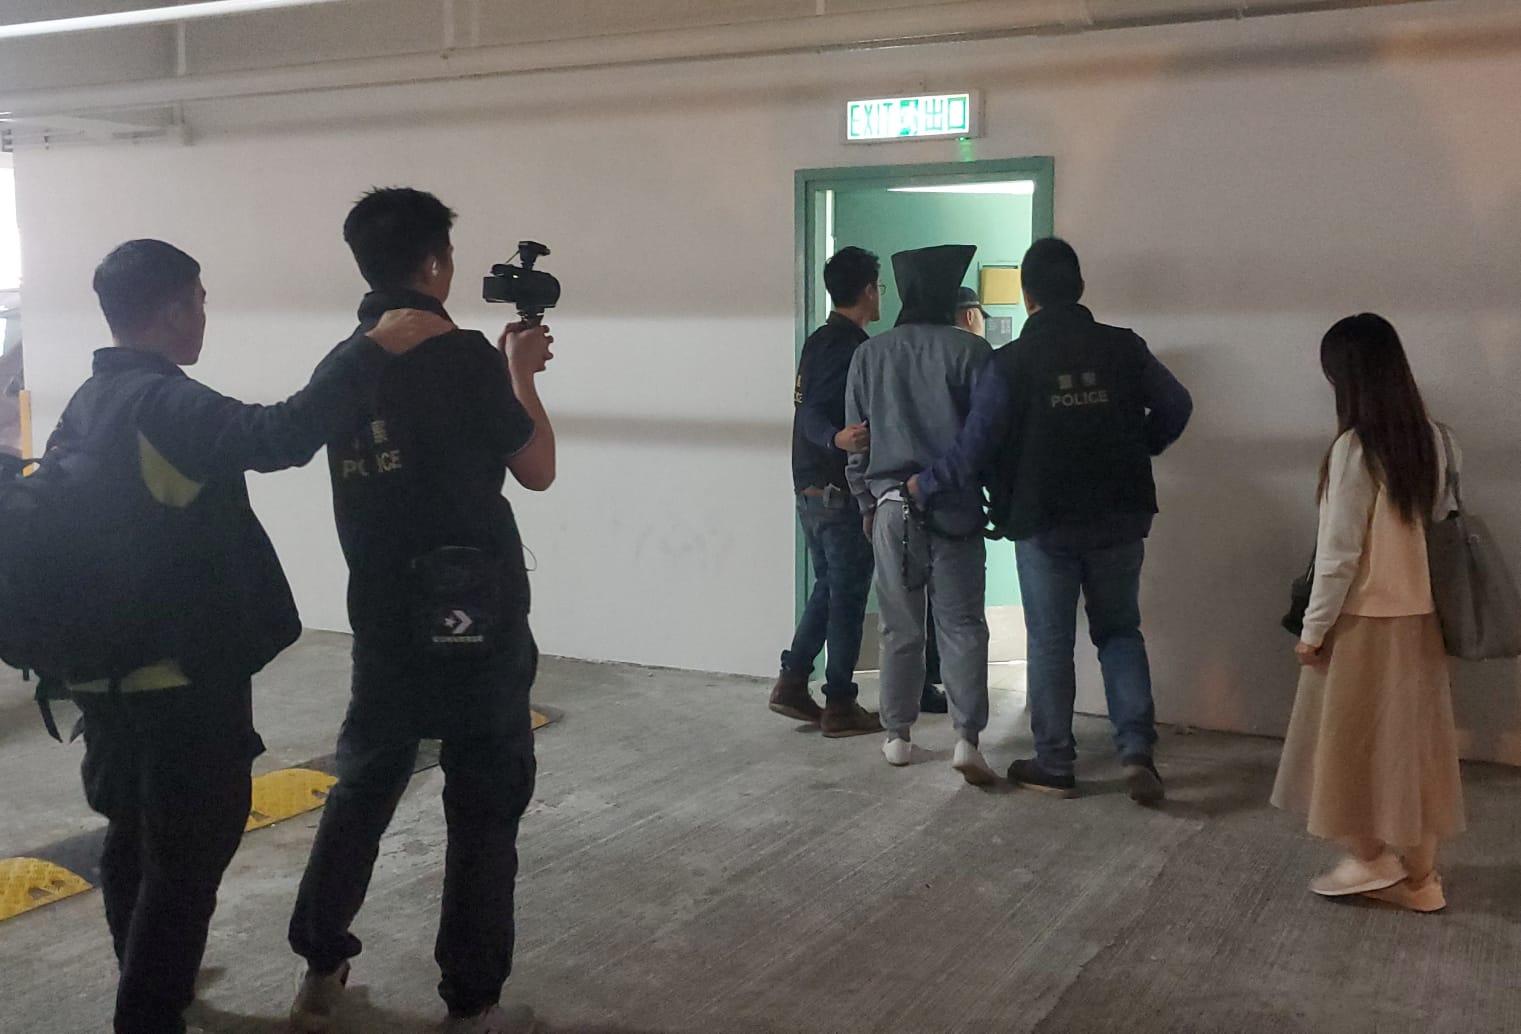 阻客偷啤酒遇袭元朗六旬店员不治 南亚汉被暂控谋杀及盗窃